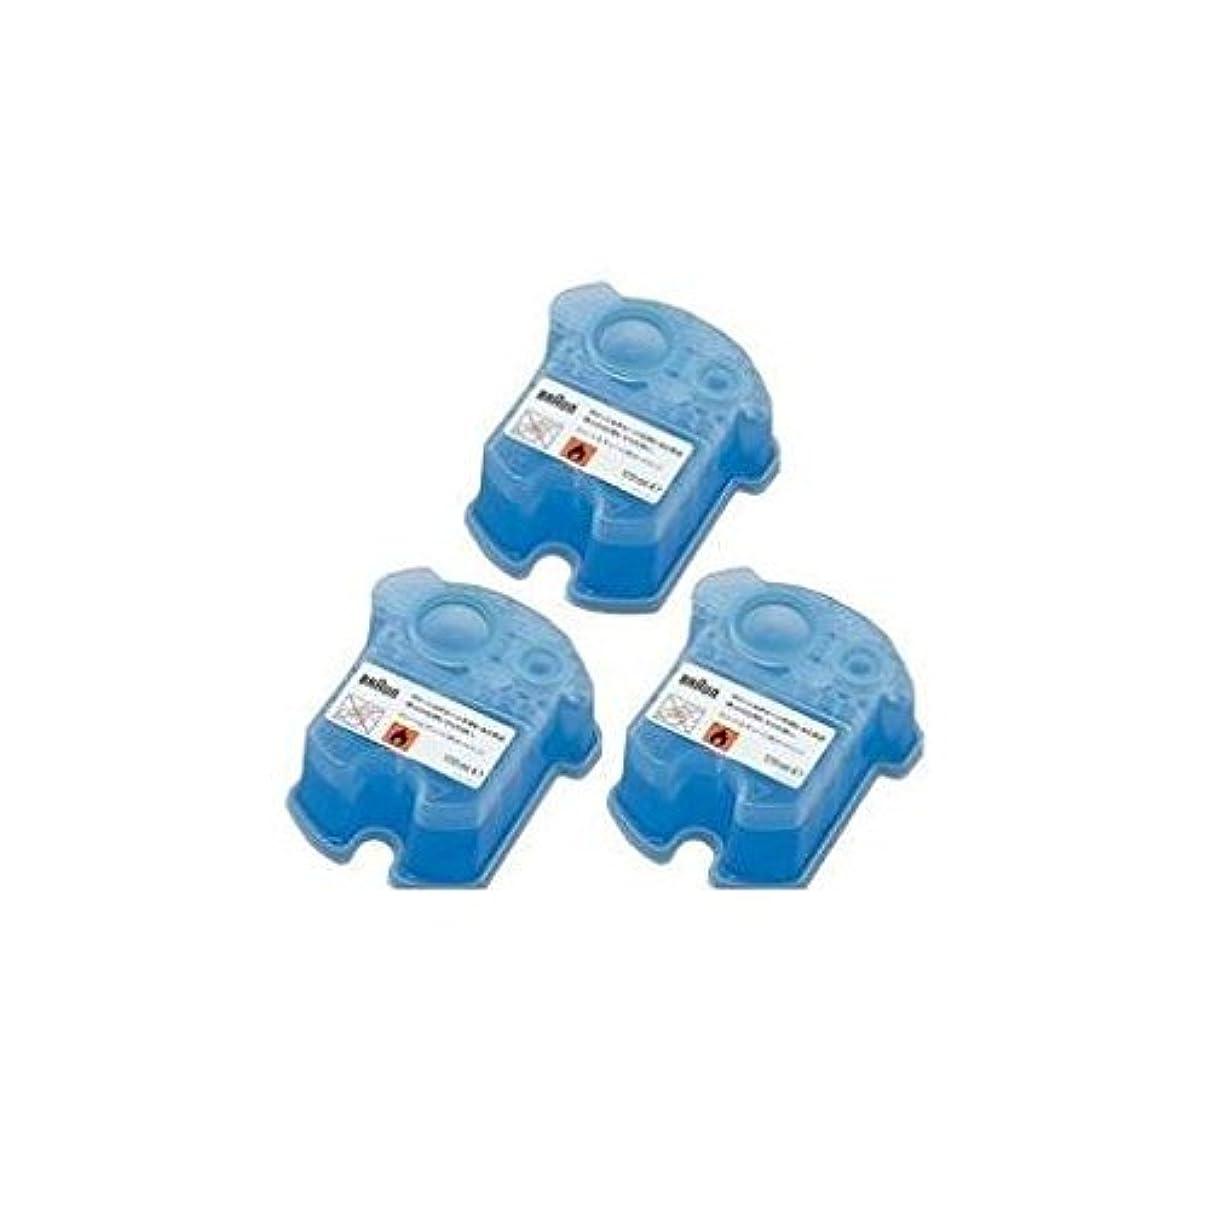 便益標高赤外線BT44849 クリーン&リニューシステム専用洗浄液カートリッジ(3個入り)